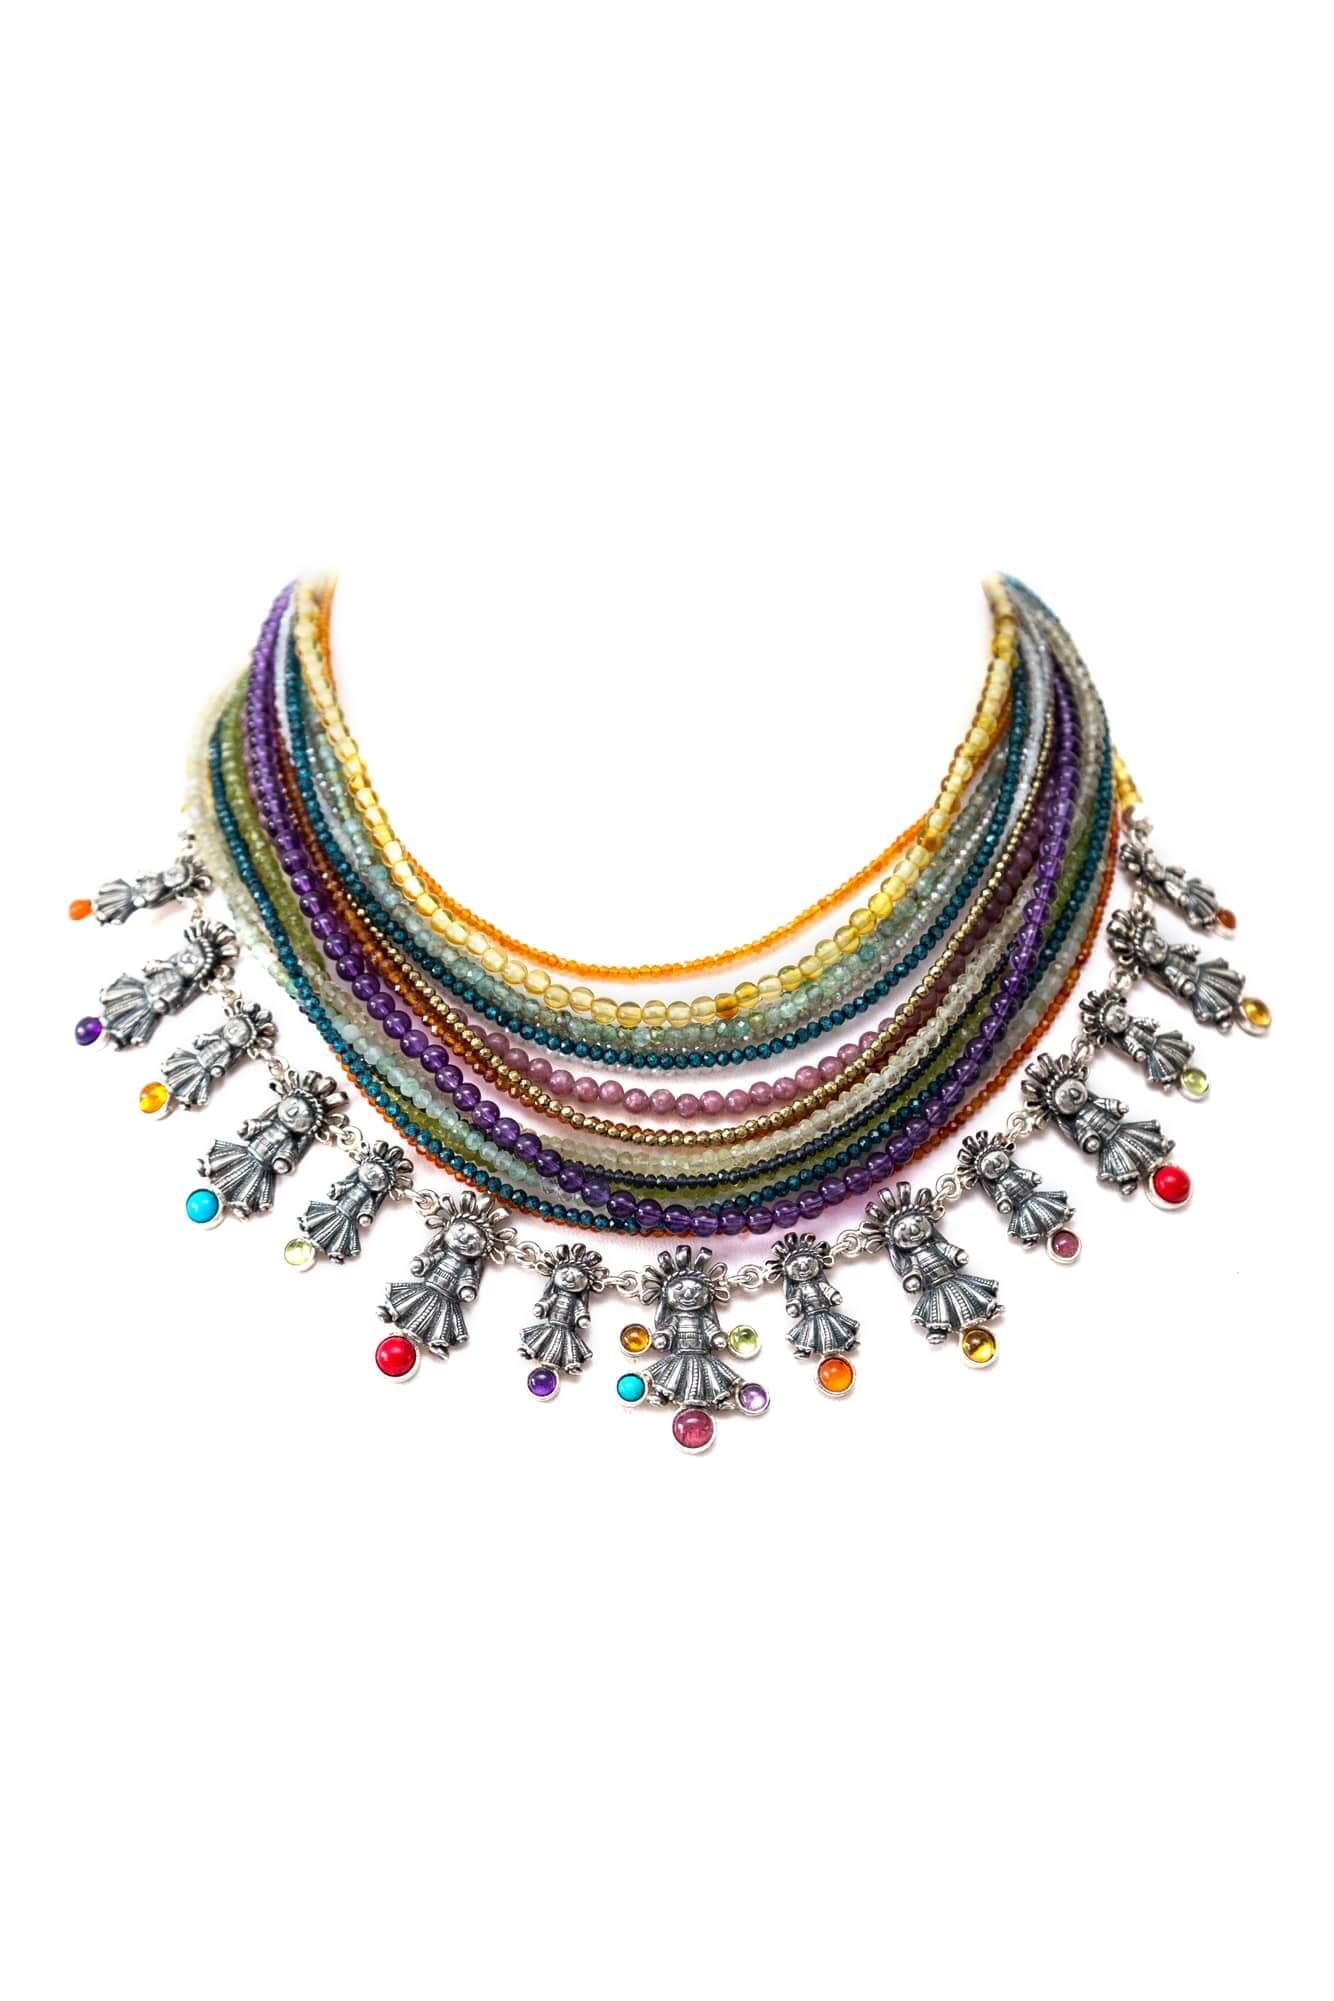 joyas mexicanas gabriela sanchez collar amigas de colores collar gabriela sanchez